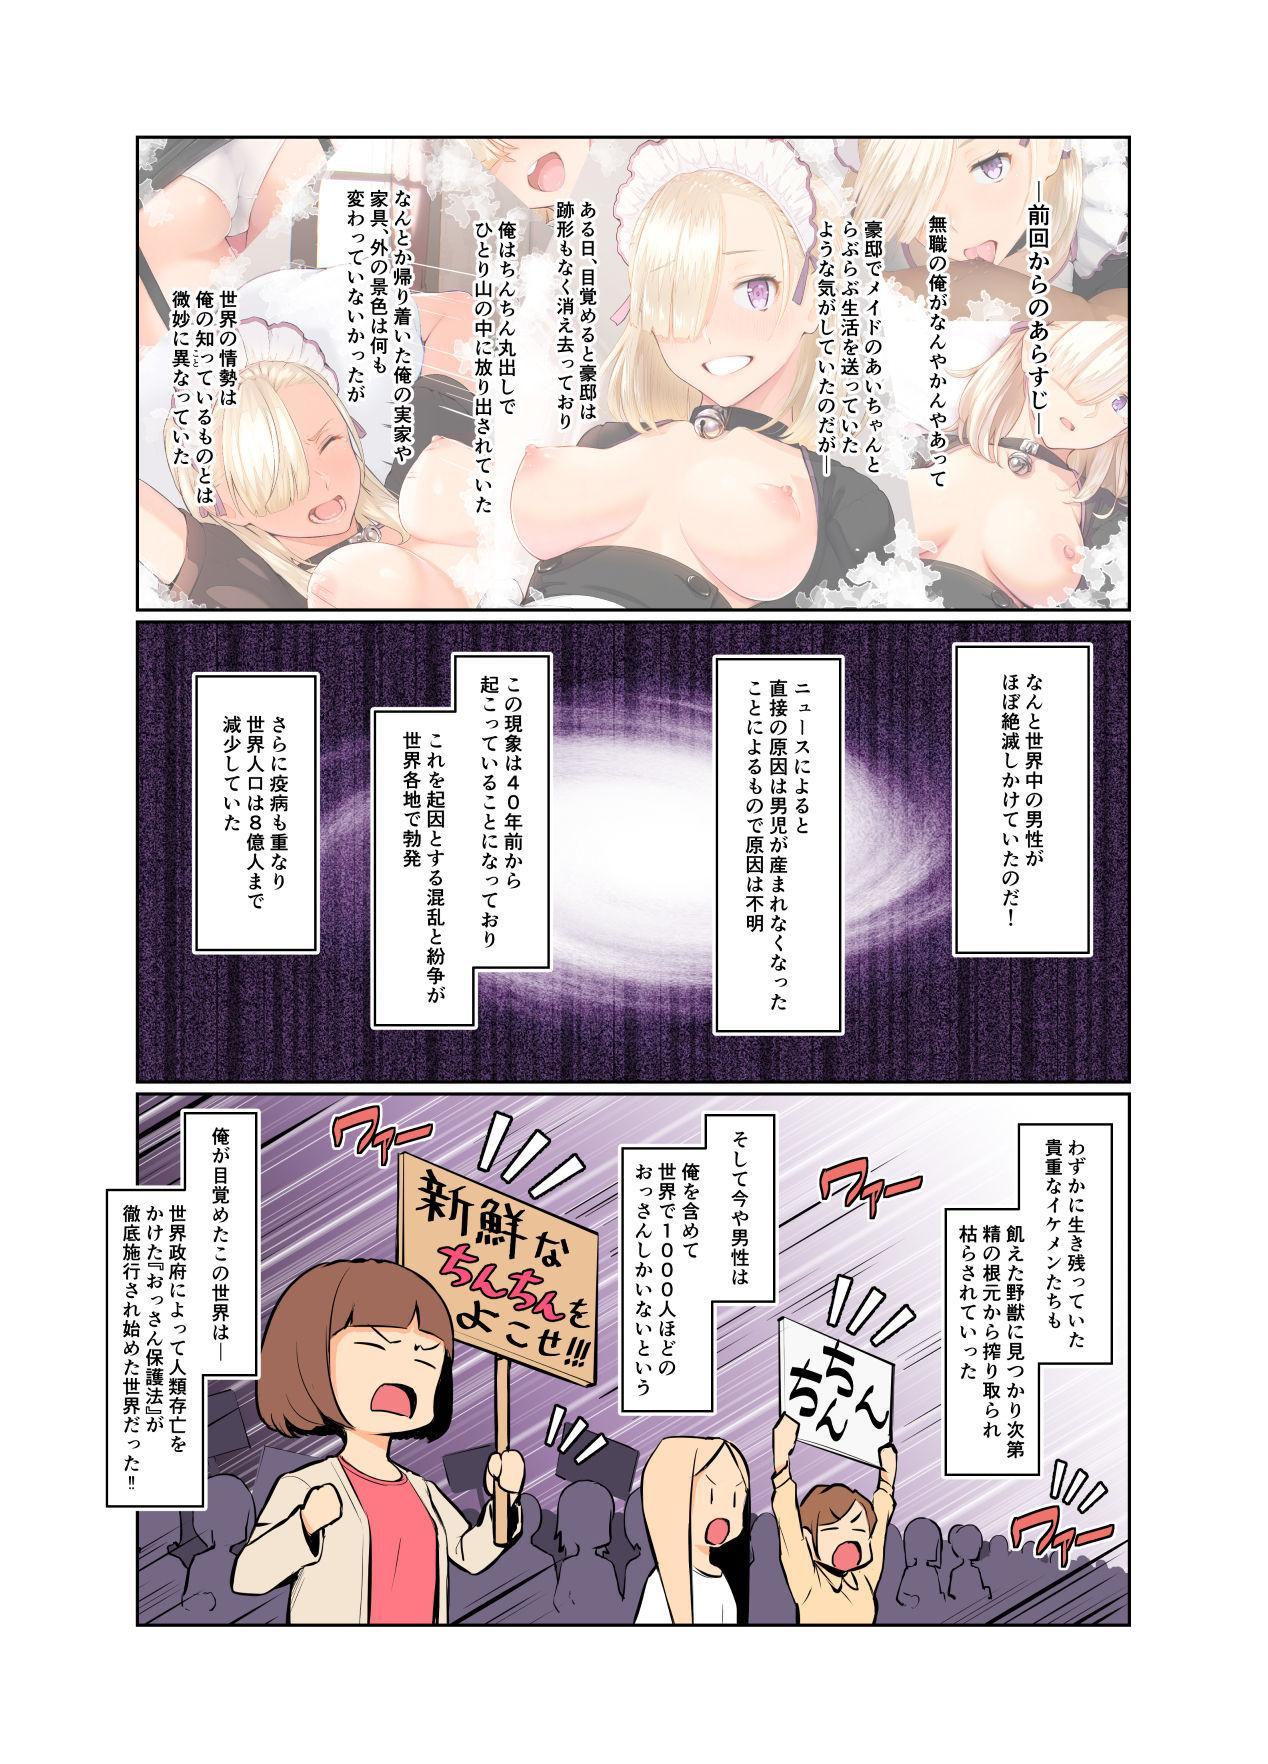 風紀ちゃん ききいっぱつ!! 3